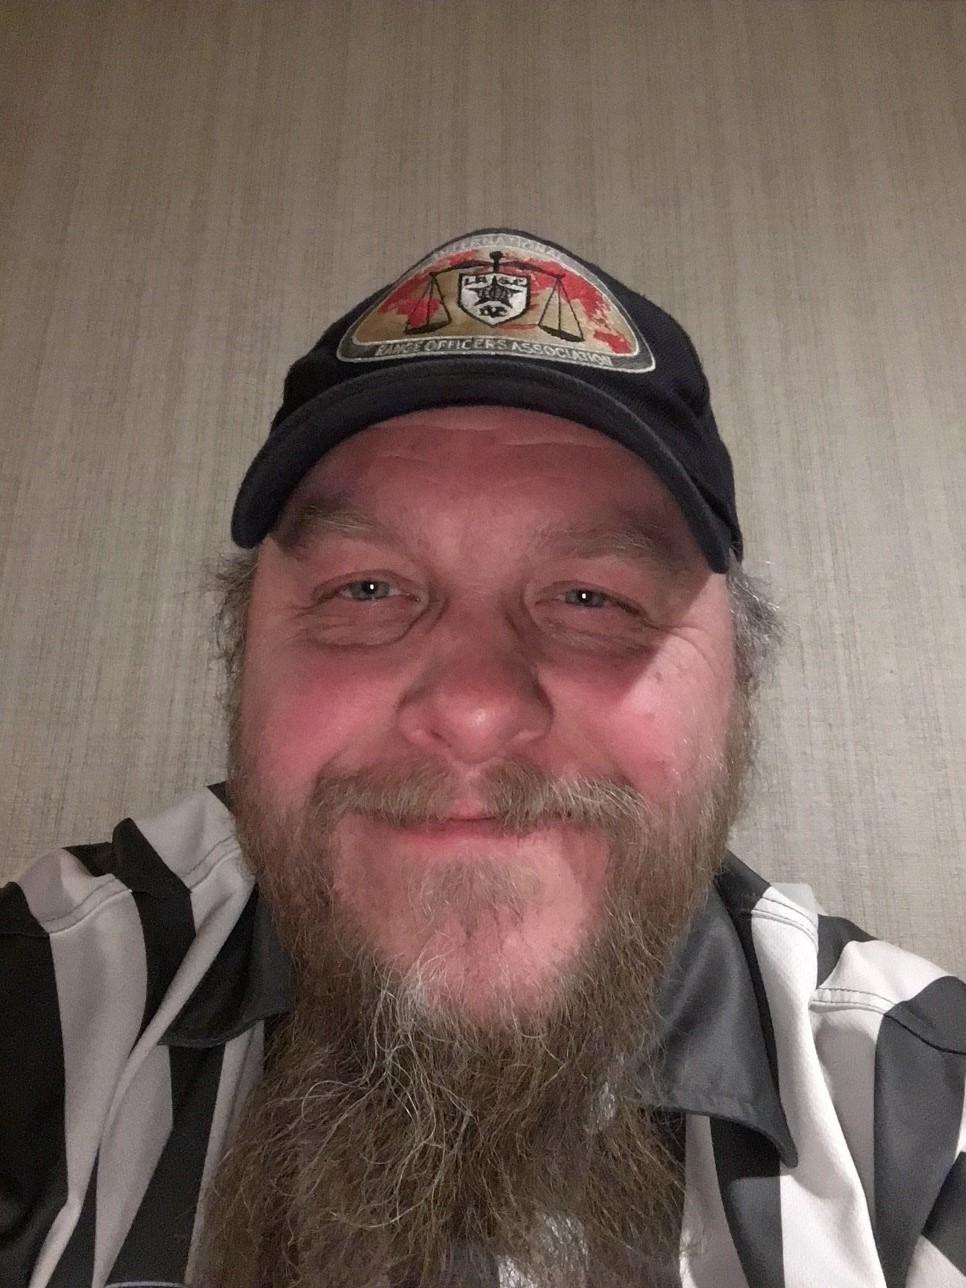 Björn Gregnert